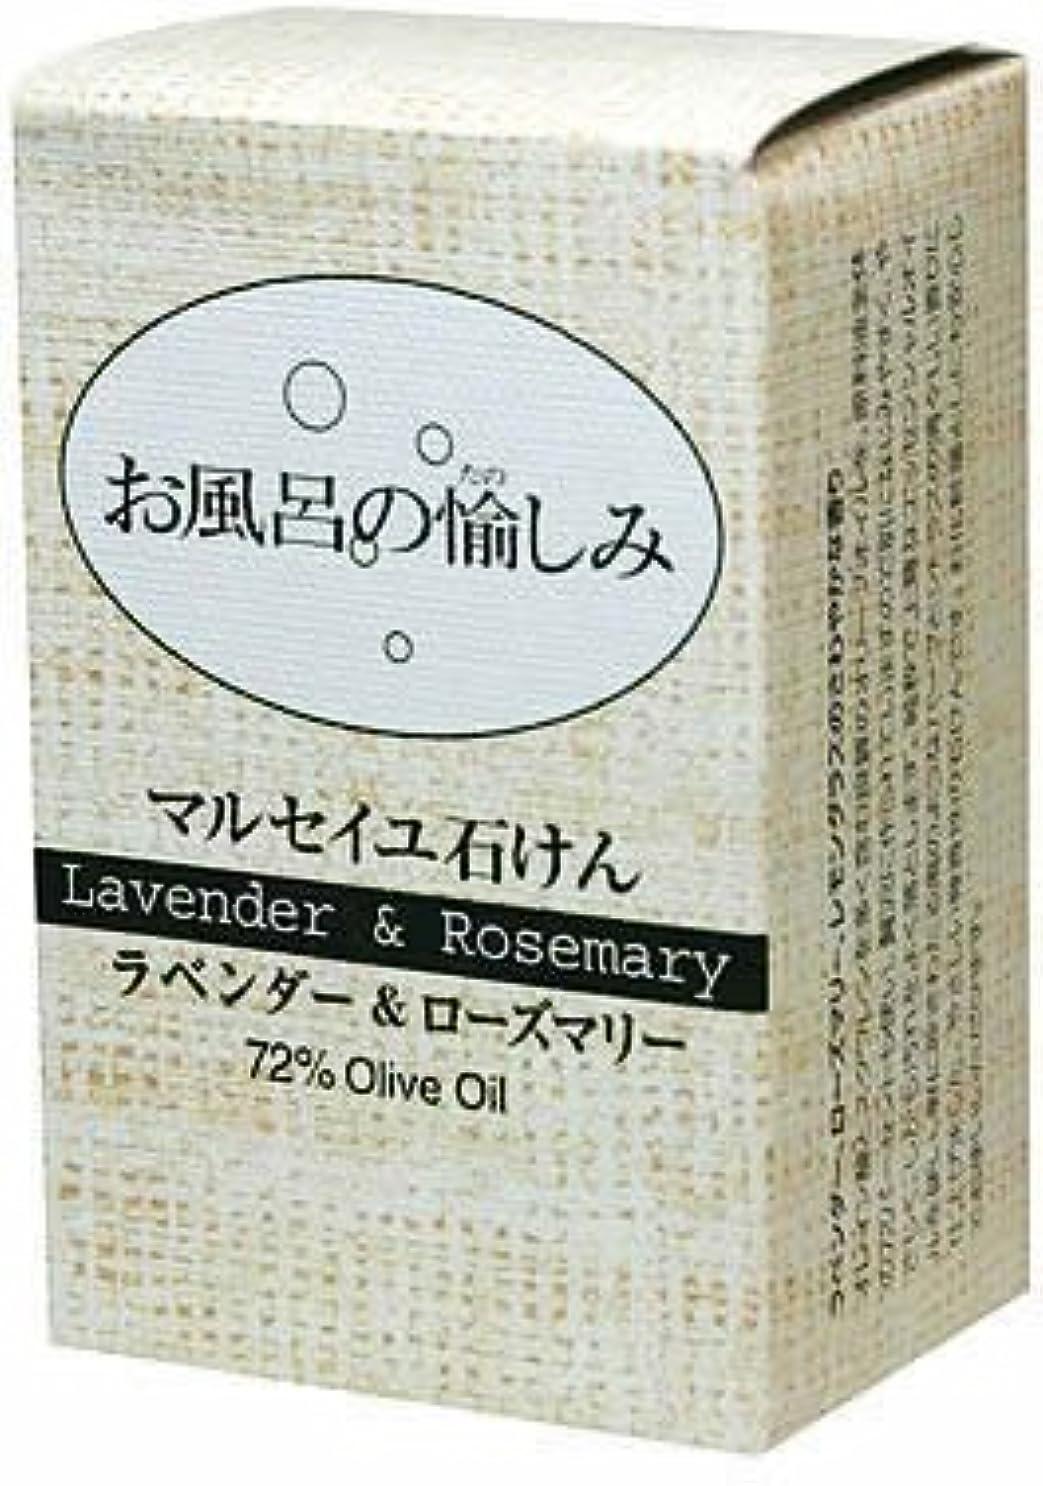 業界おしゃれな夢お風呂の愉しみ マルセイユ石鹸 (ラベンダー&ローズマリー)